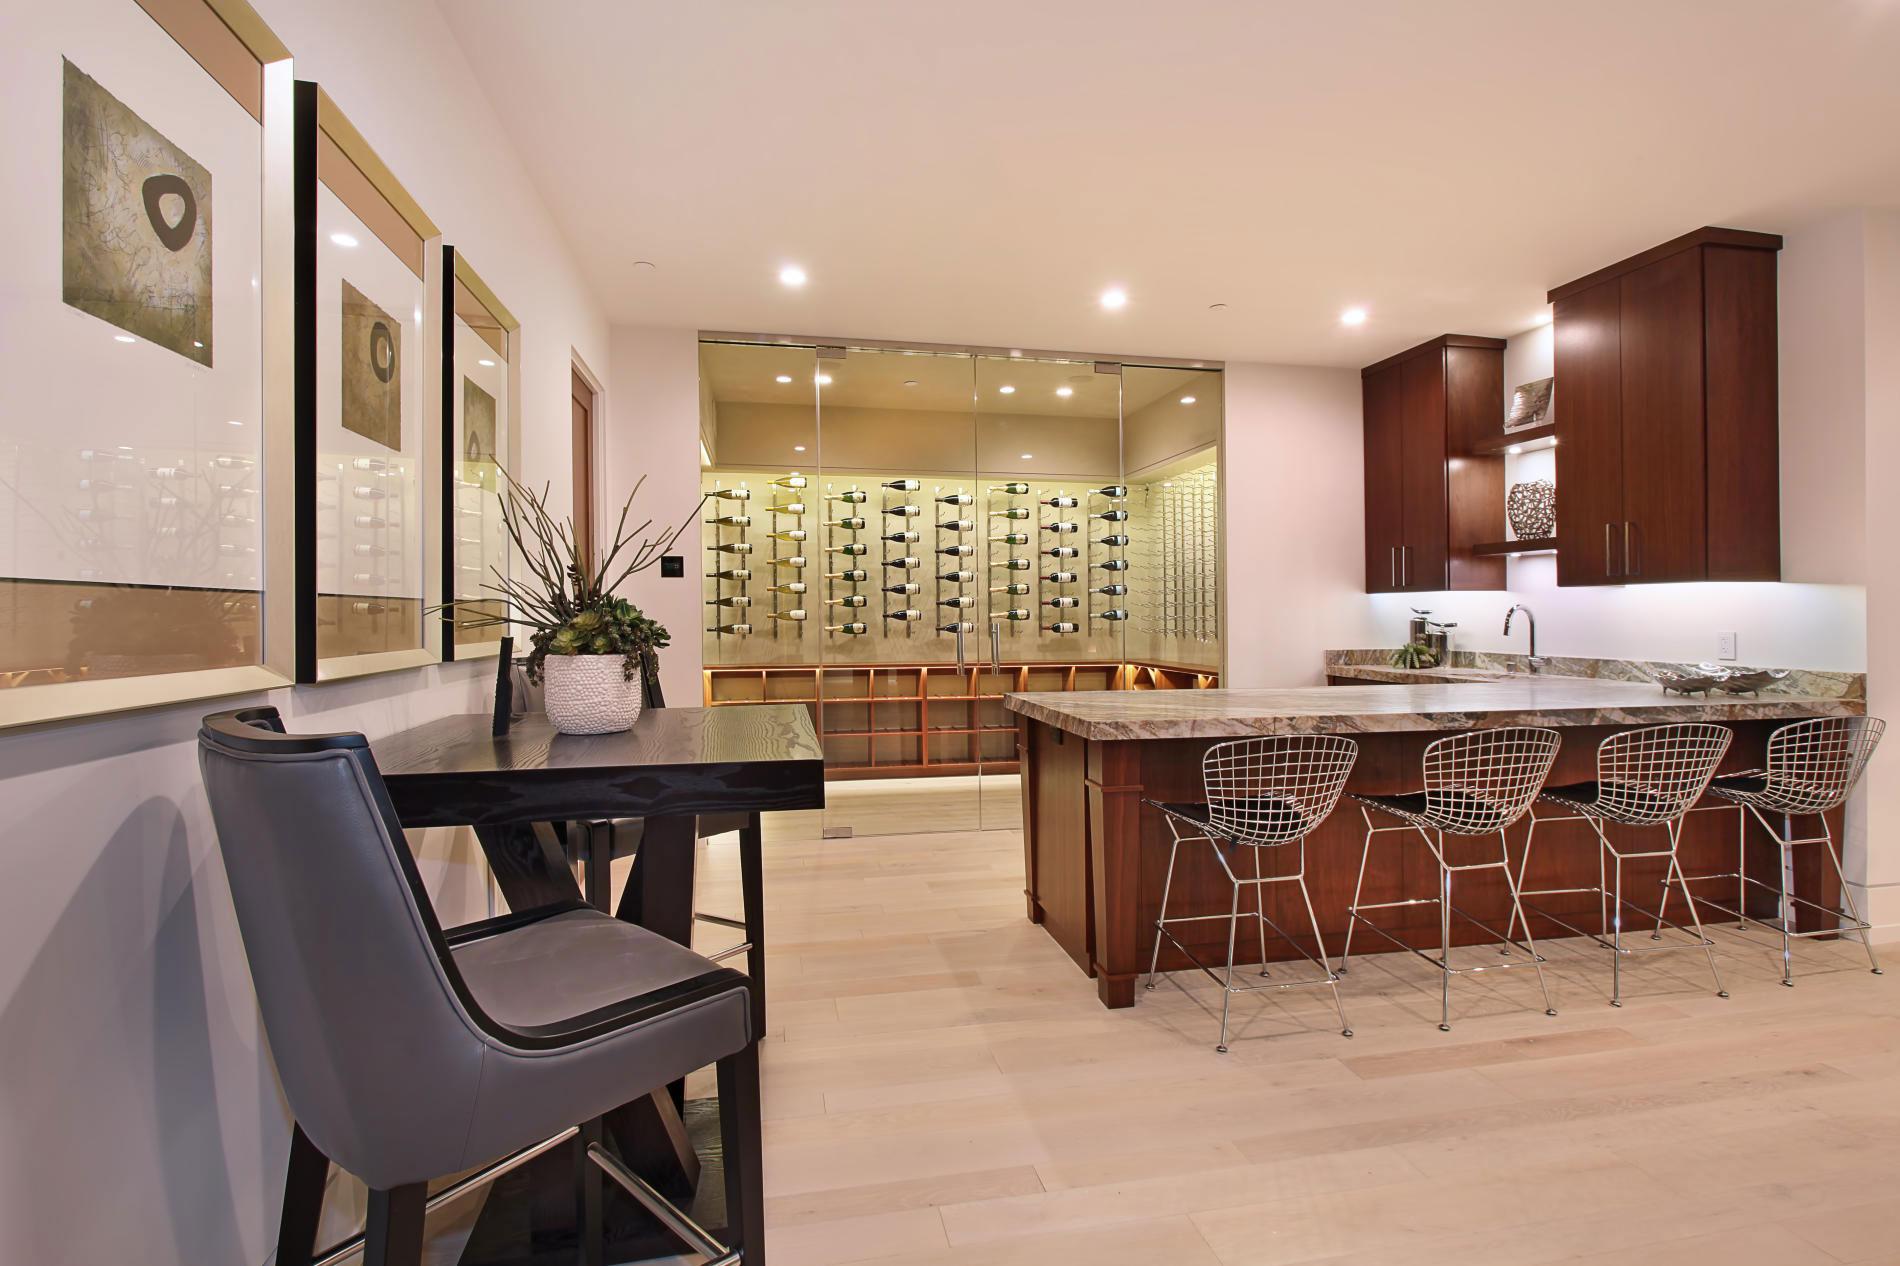 Wine Room, Kitchen Tables, Home in Corona del Mar, California